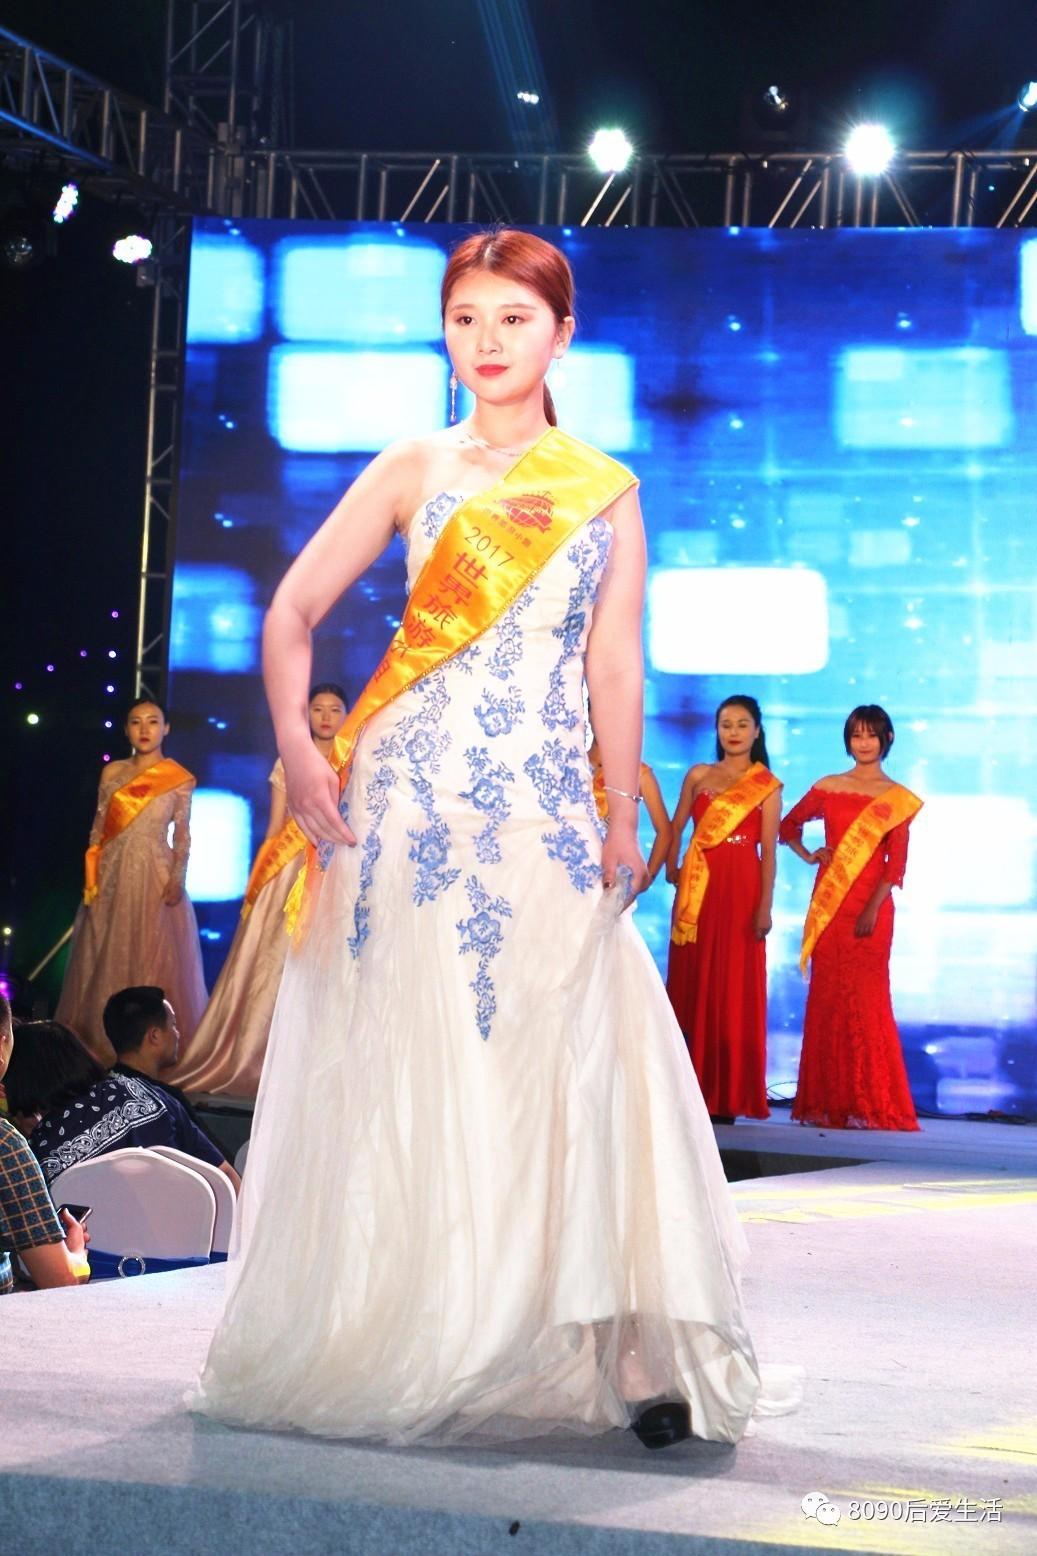 2017年世界旅游小姐安徽年度冠军总决赛新闻发布会在六安盛大开幕